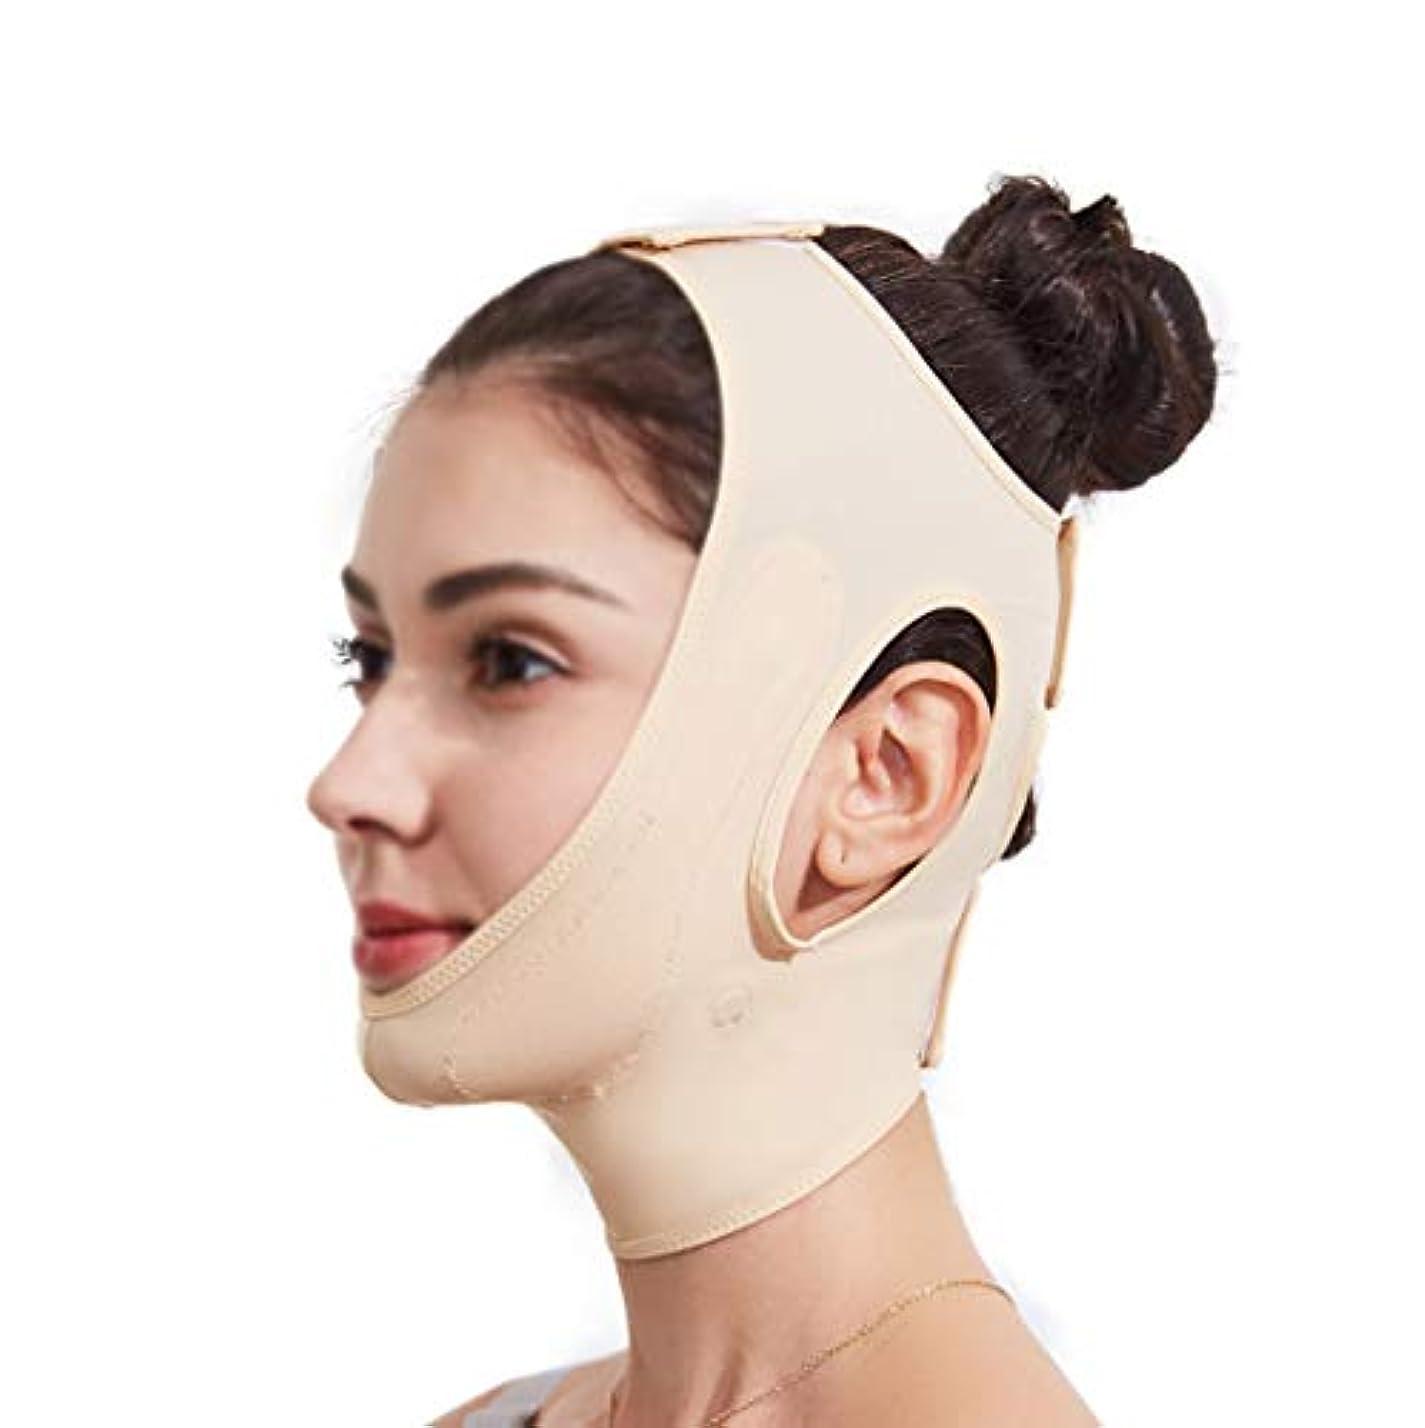 連邦前部あいさつXHLMRMJ フェイスリフティングマスク、360°オールラウンドリフティングフェイシャル輪郭、あごを閉じて肌を引き締め、快適でフェイスライトをサポートし、通気性 (Size : Skin color)